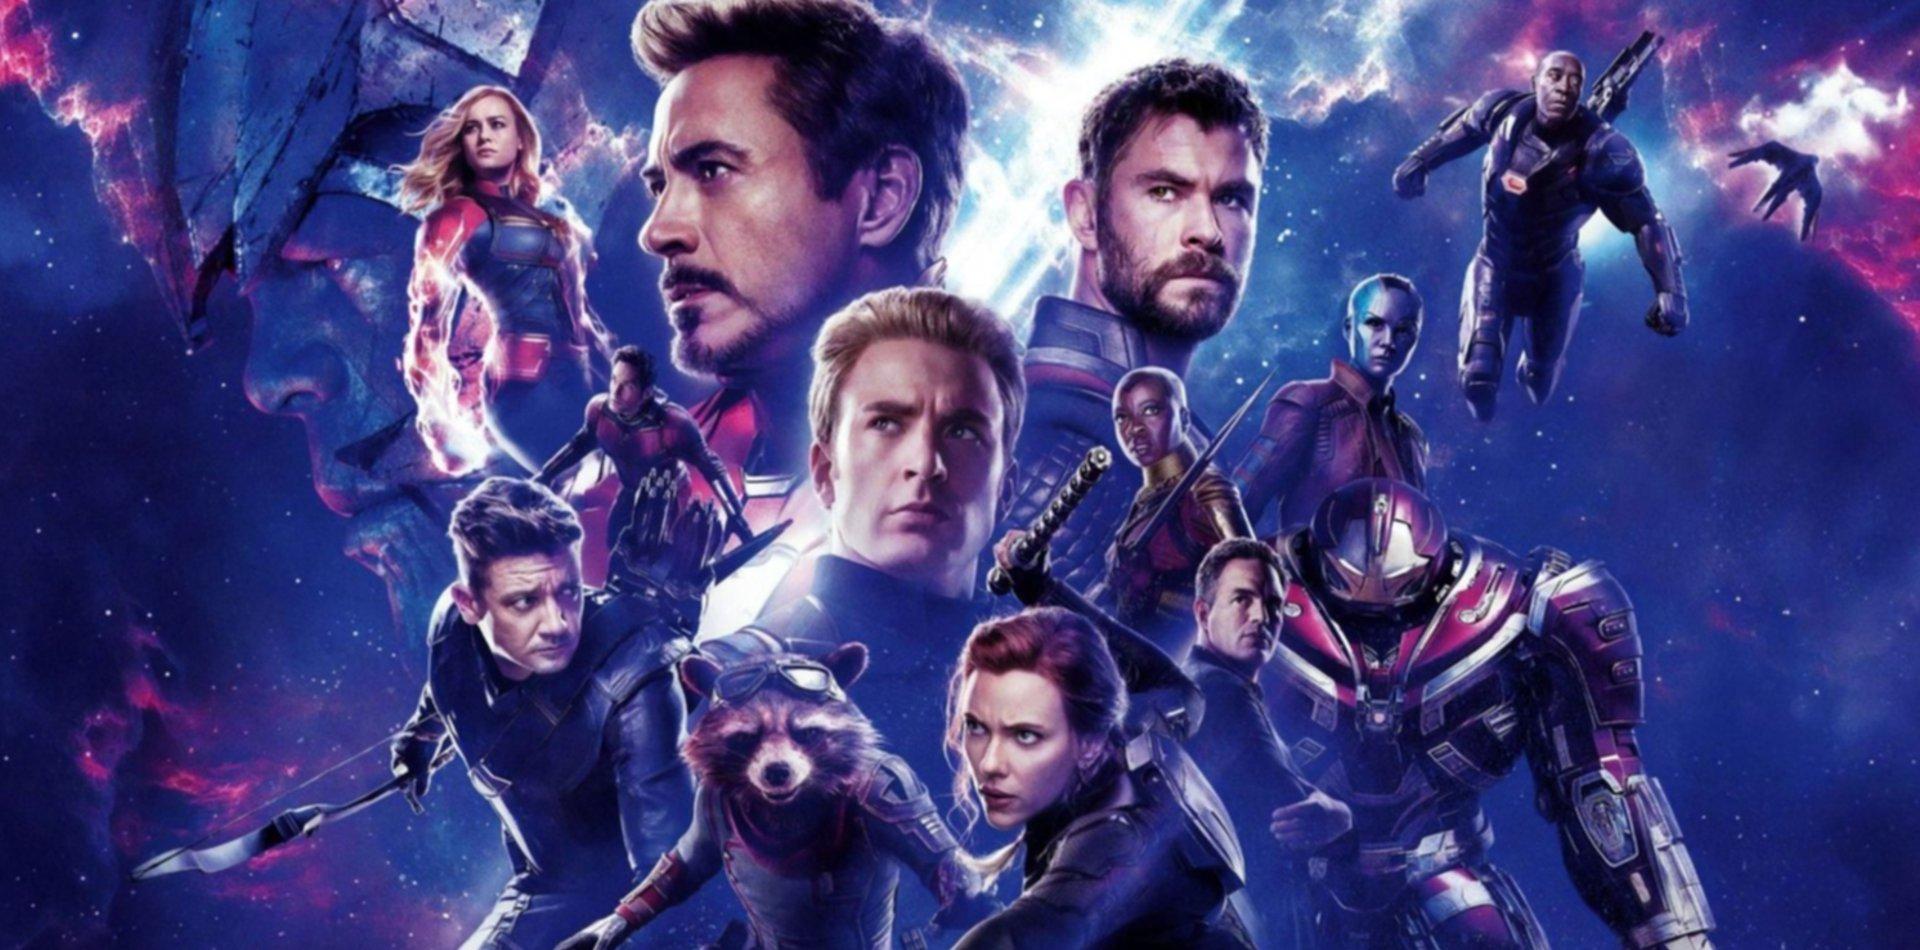 """La UNLP se sumó al fanatismo por """"Avengers: End Game"""", pero con un objetivo solidario"""